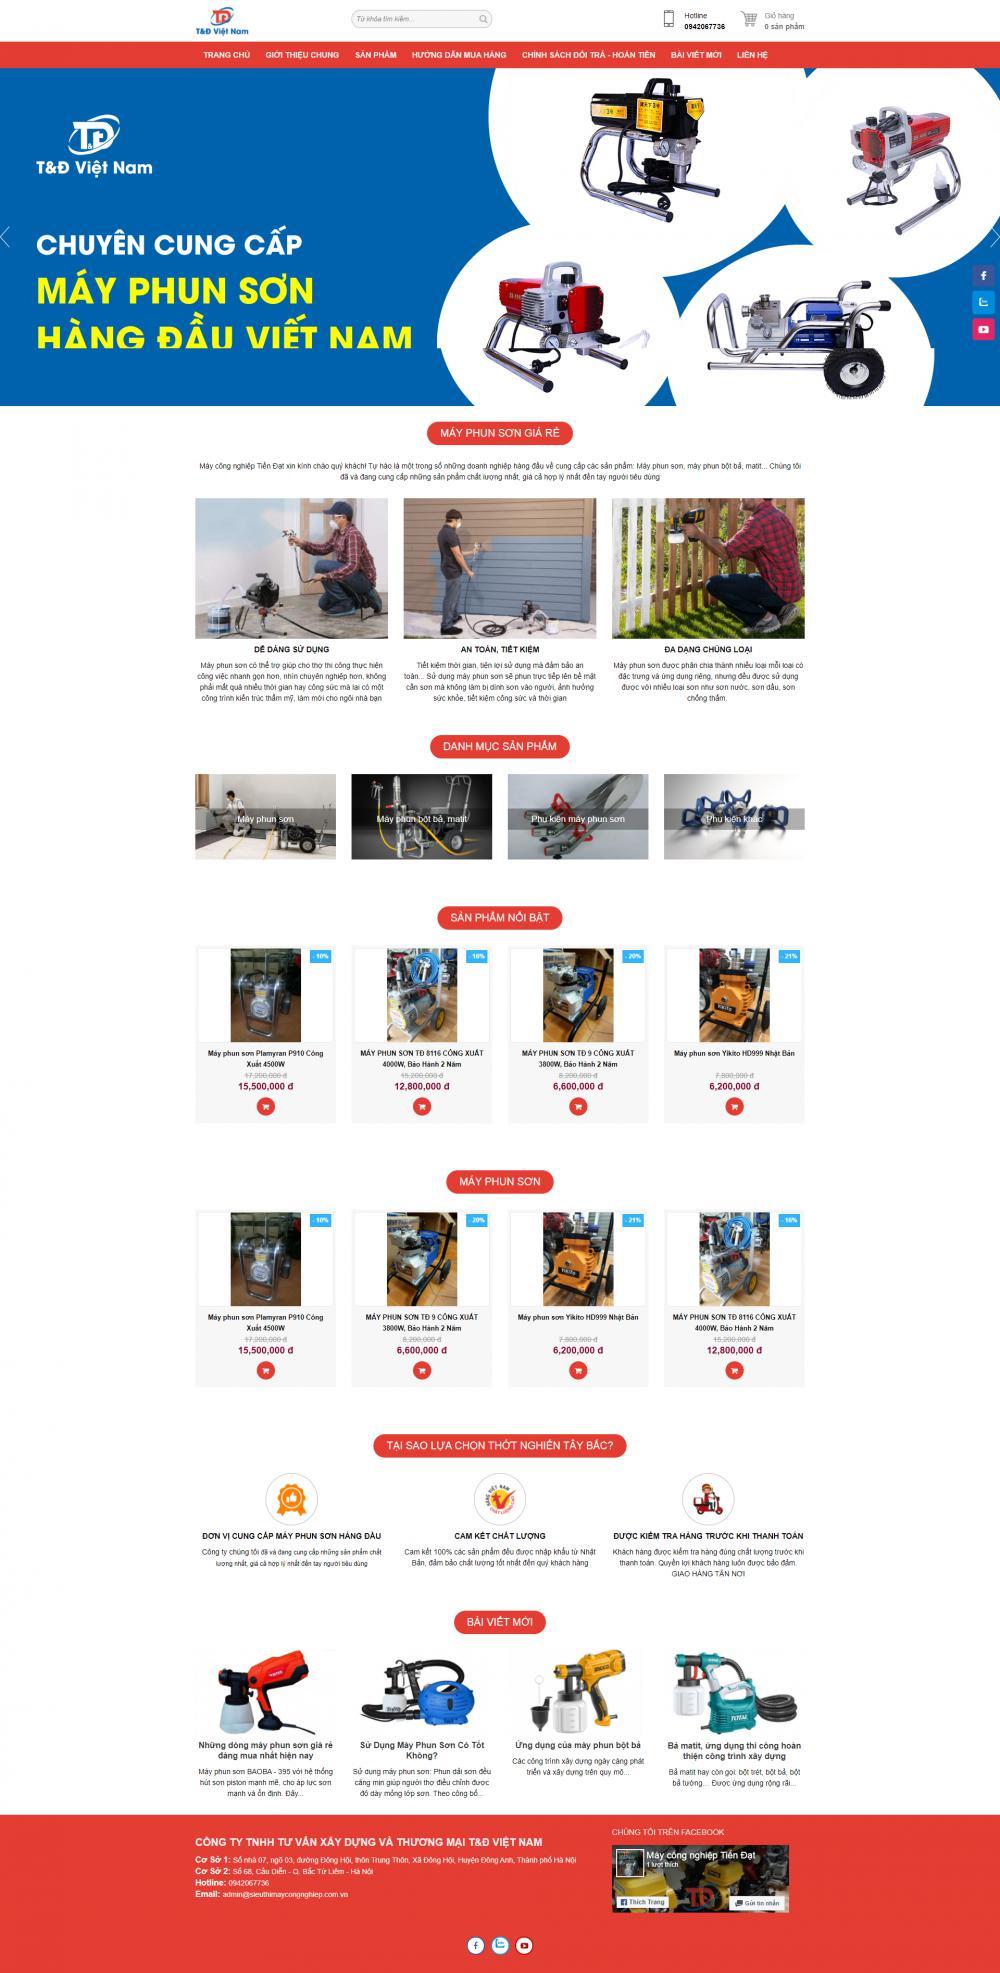 mayphunsongiare.com.vn